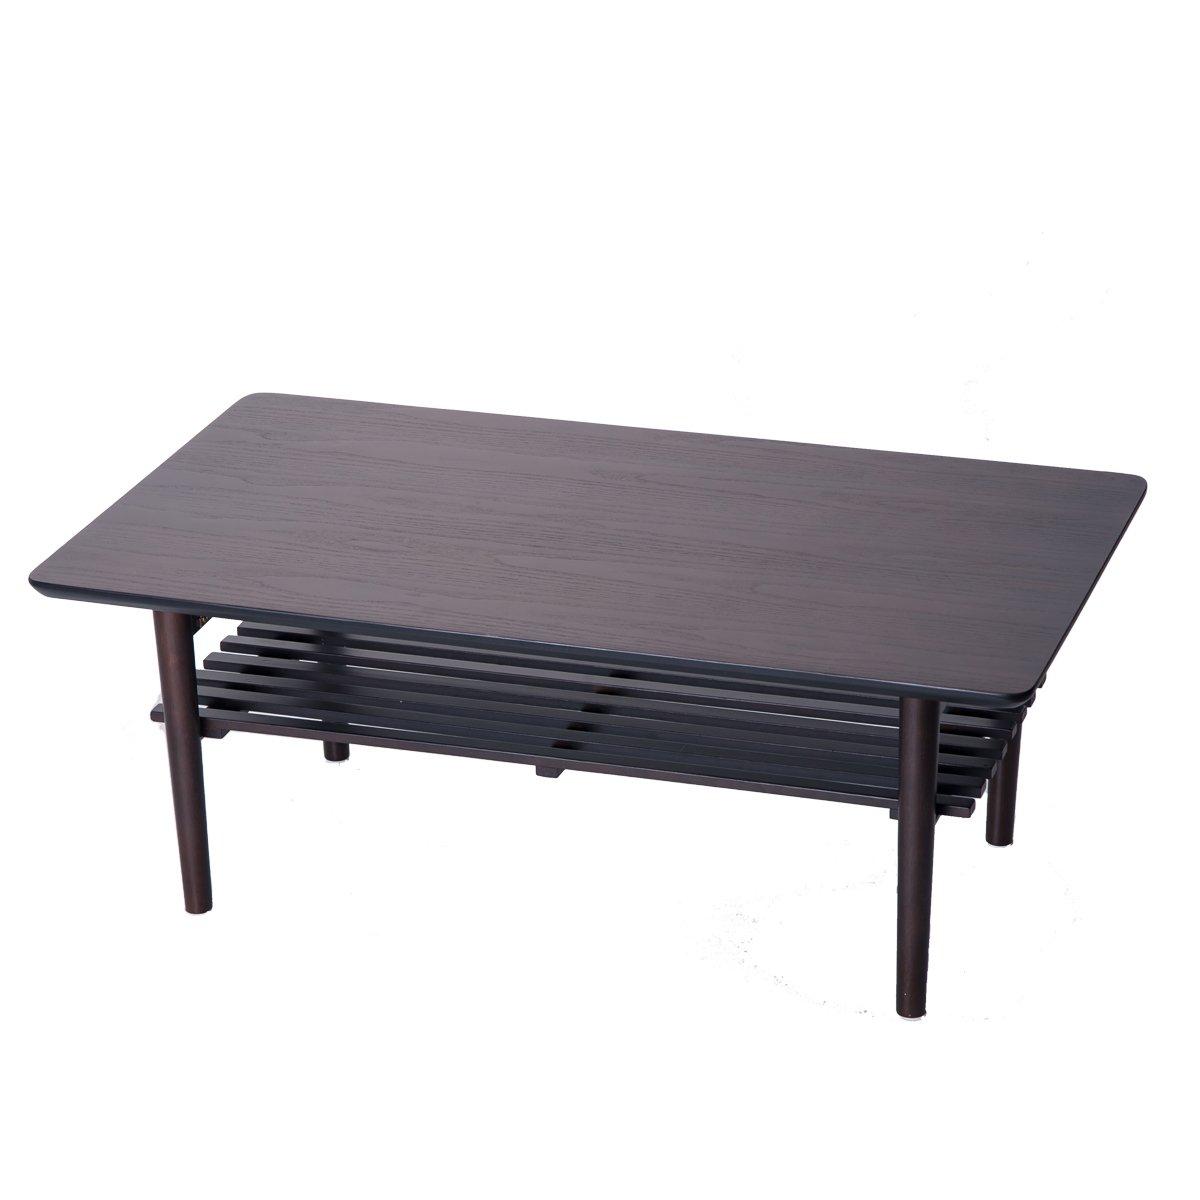 (OSJ) センターテーブル ローテーブル コーヒーテーブル ちゃぶ台 (90X50CM) WF035701 (ダークブラウン) B073BB6DLH ダークブラウン ダークブラウン